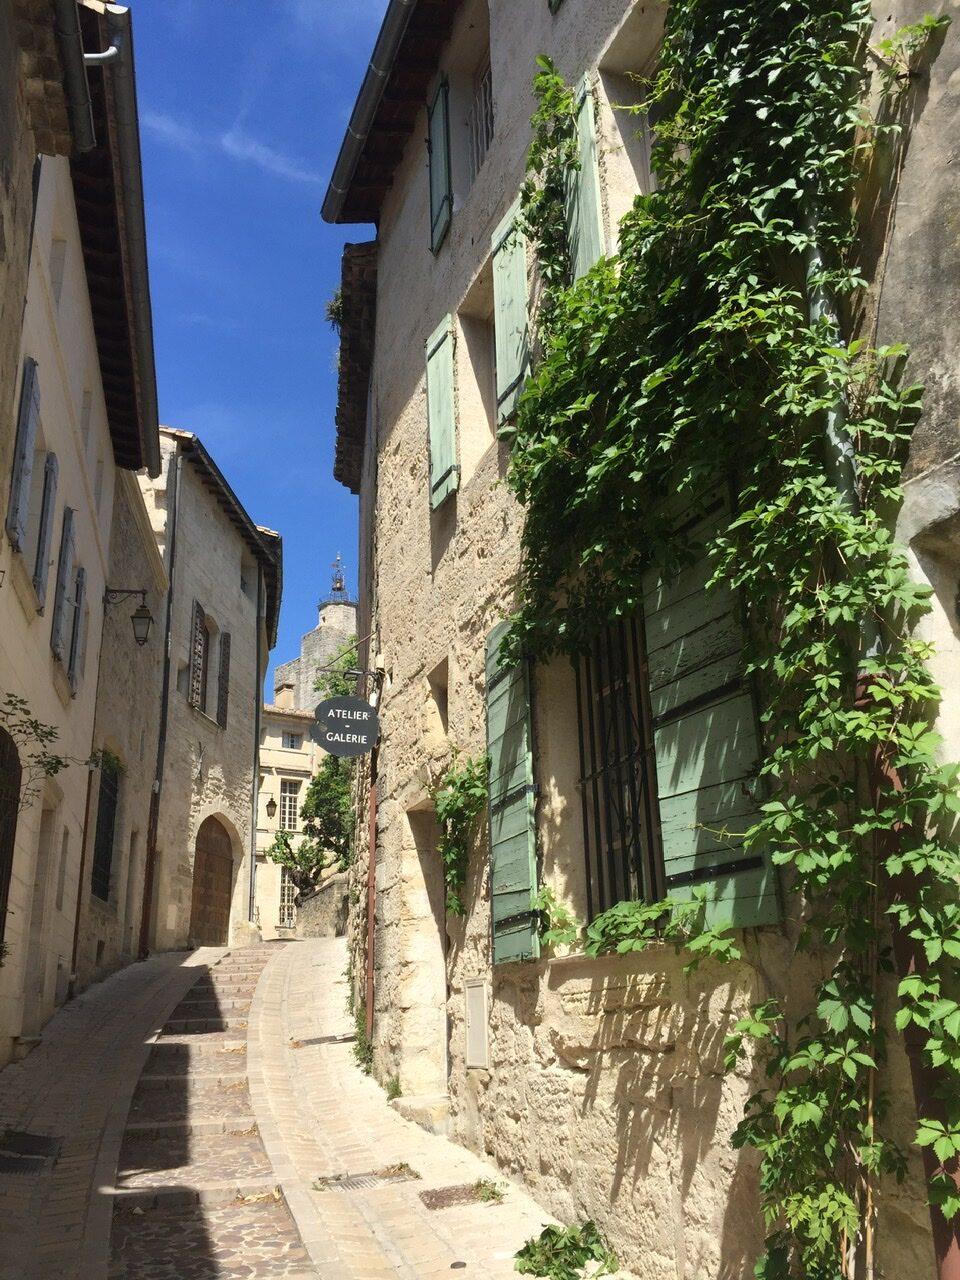 Eine ansteigende Gasse in der provençalischen Altstadt von Uzès. Rechts und links helle Sandsteinhäuser mit pastellfarbenen Fensterläden, zum Teil mit rankendem Wein bewachsen. Knallblauer Himmel und Sonne.